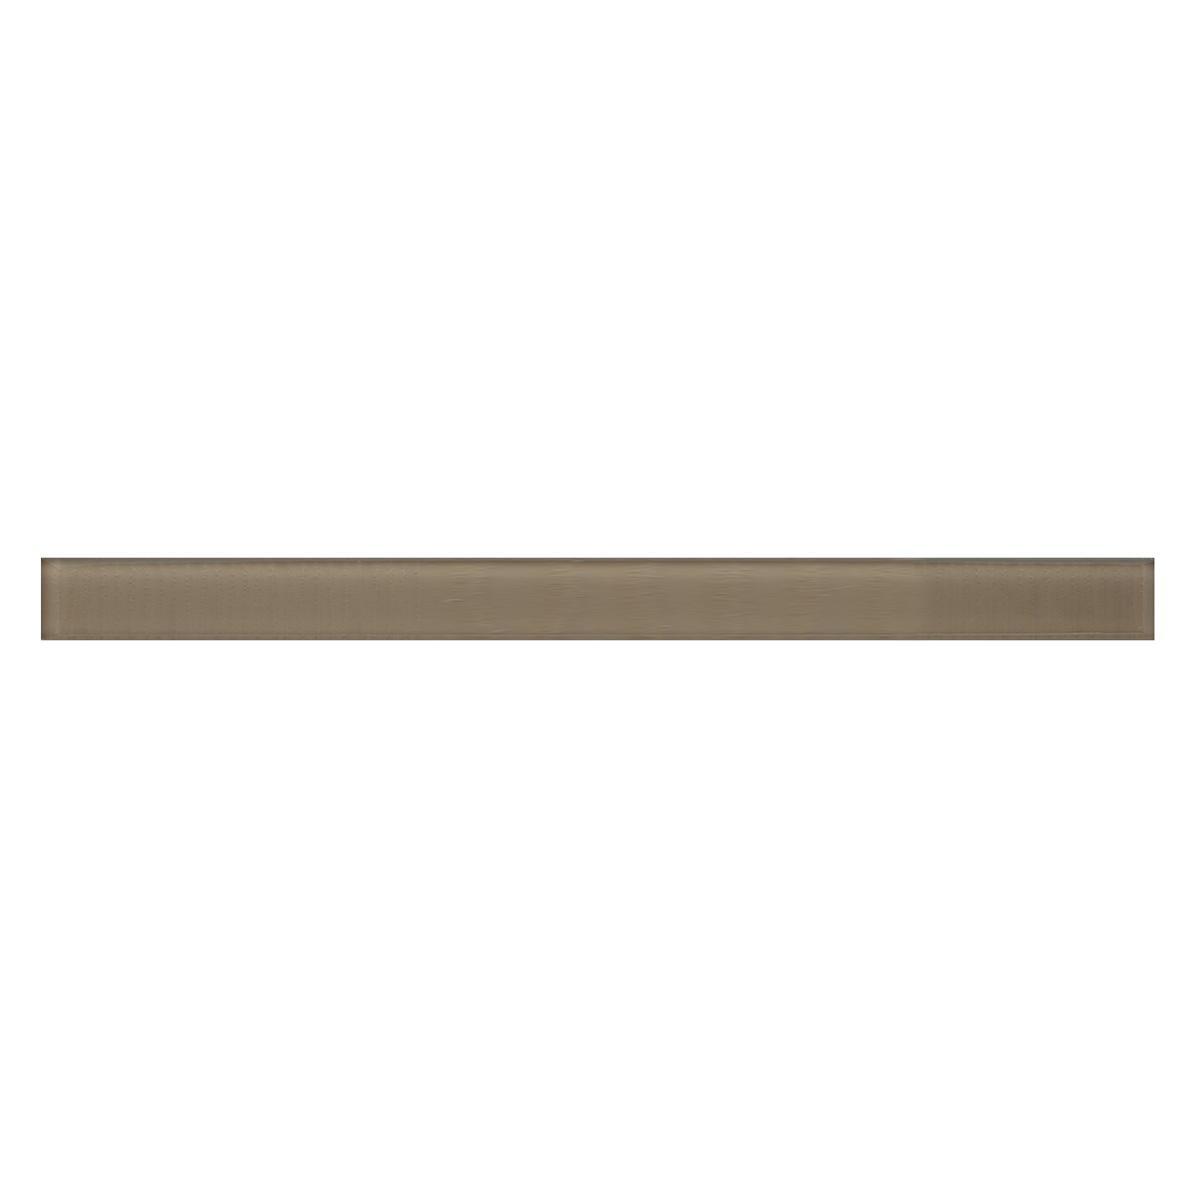 Lapiz Plumon Vidrio Vitre Beige Brillante - 3X39 cm